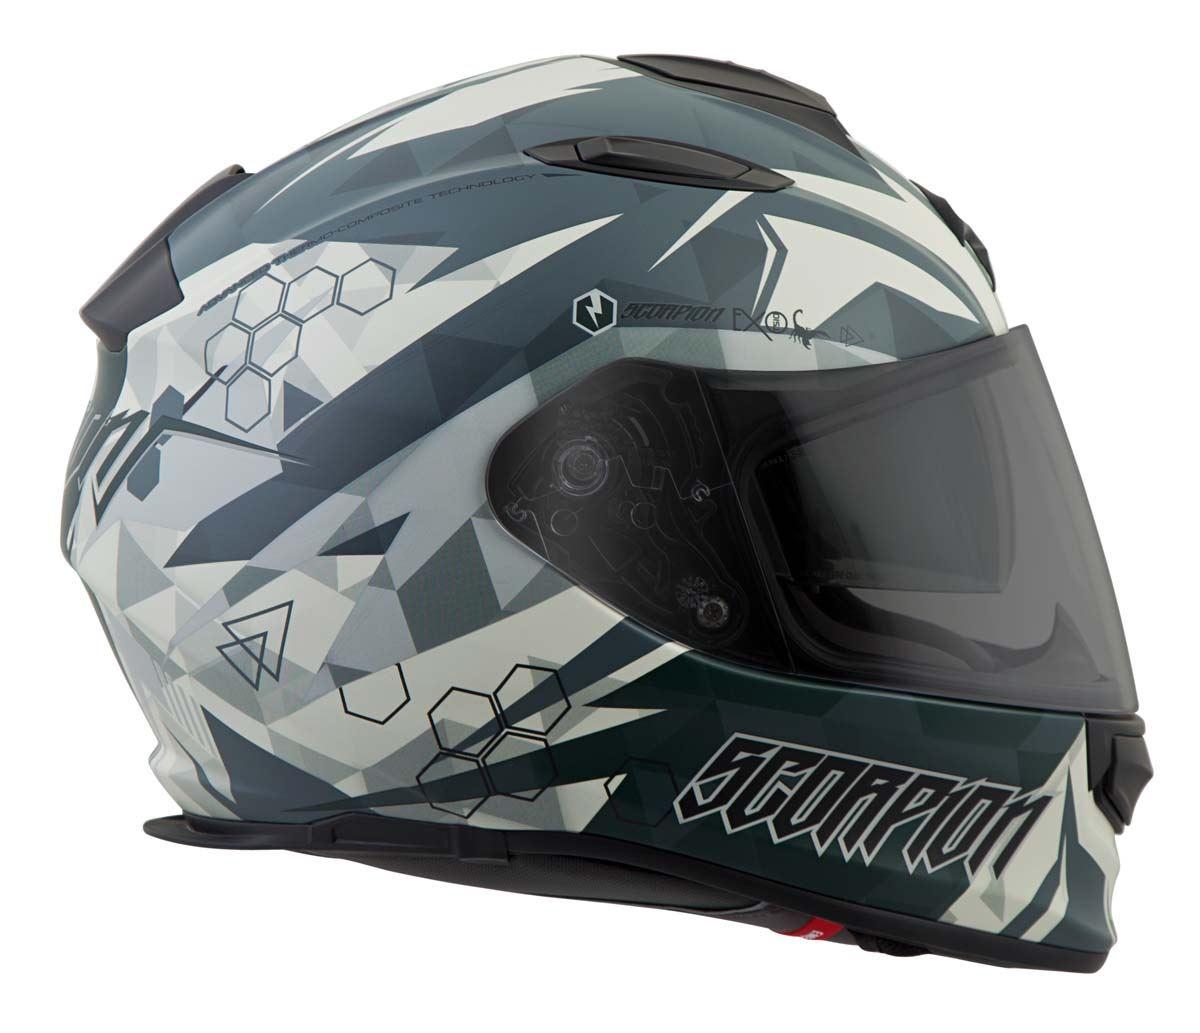 Scorpion-EXO-T510-Helmet-Full-Face-DOT-Approved-Inner-Sun-Shield miniature 59